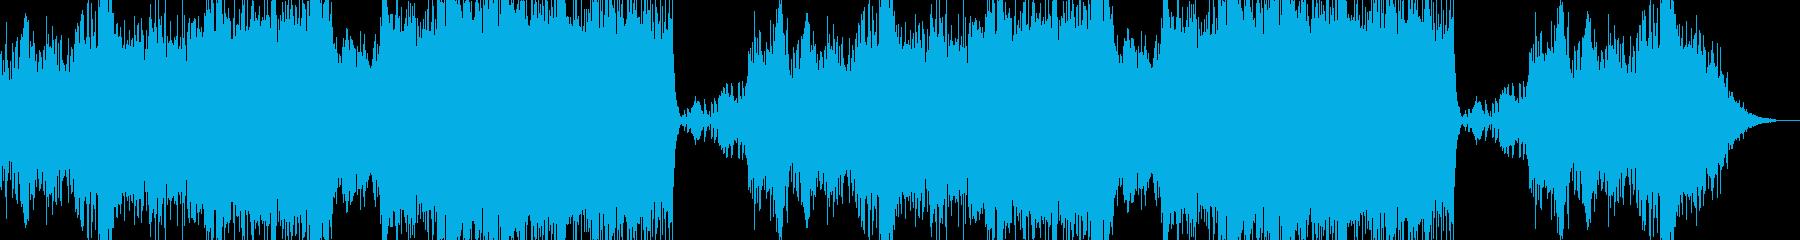 勇者が旅に出る場面をイメージした曲の再生済みの波形